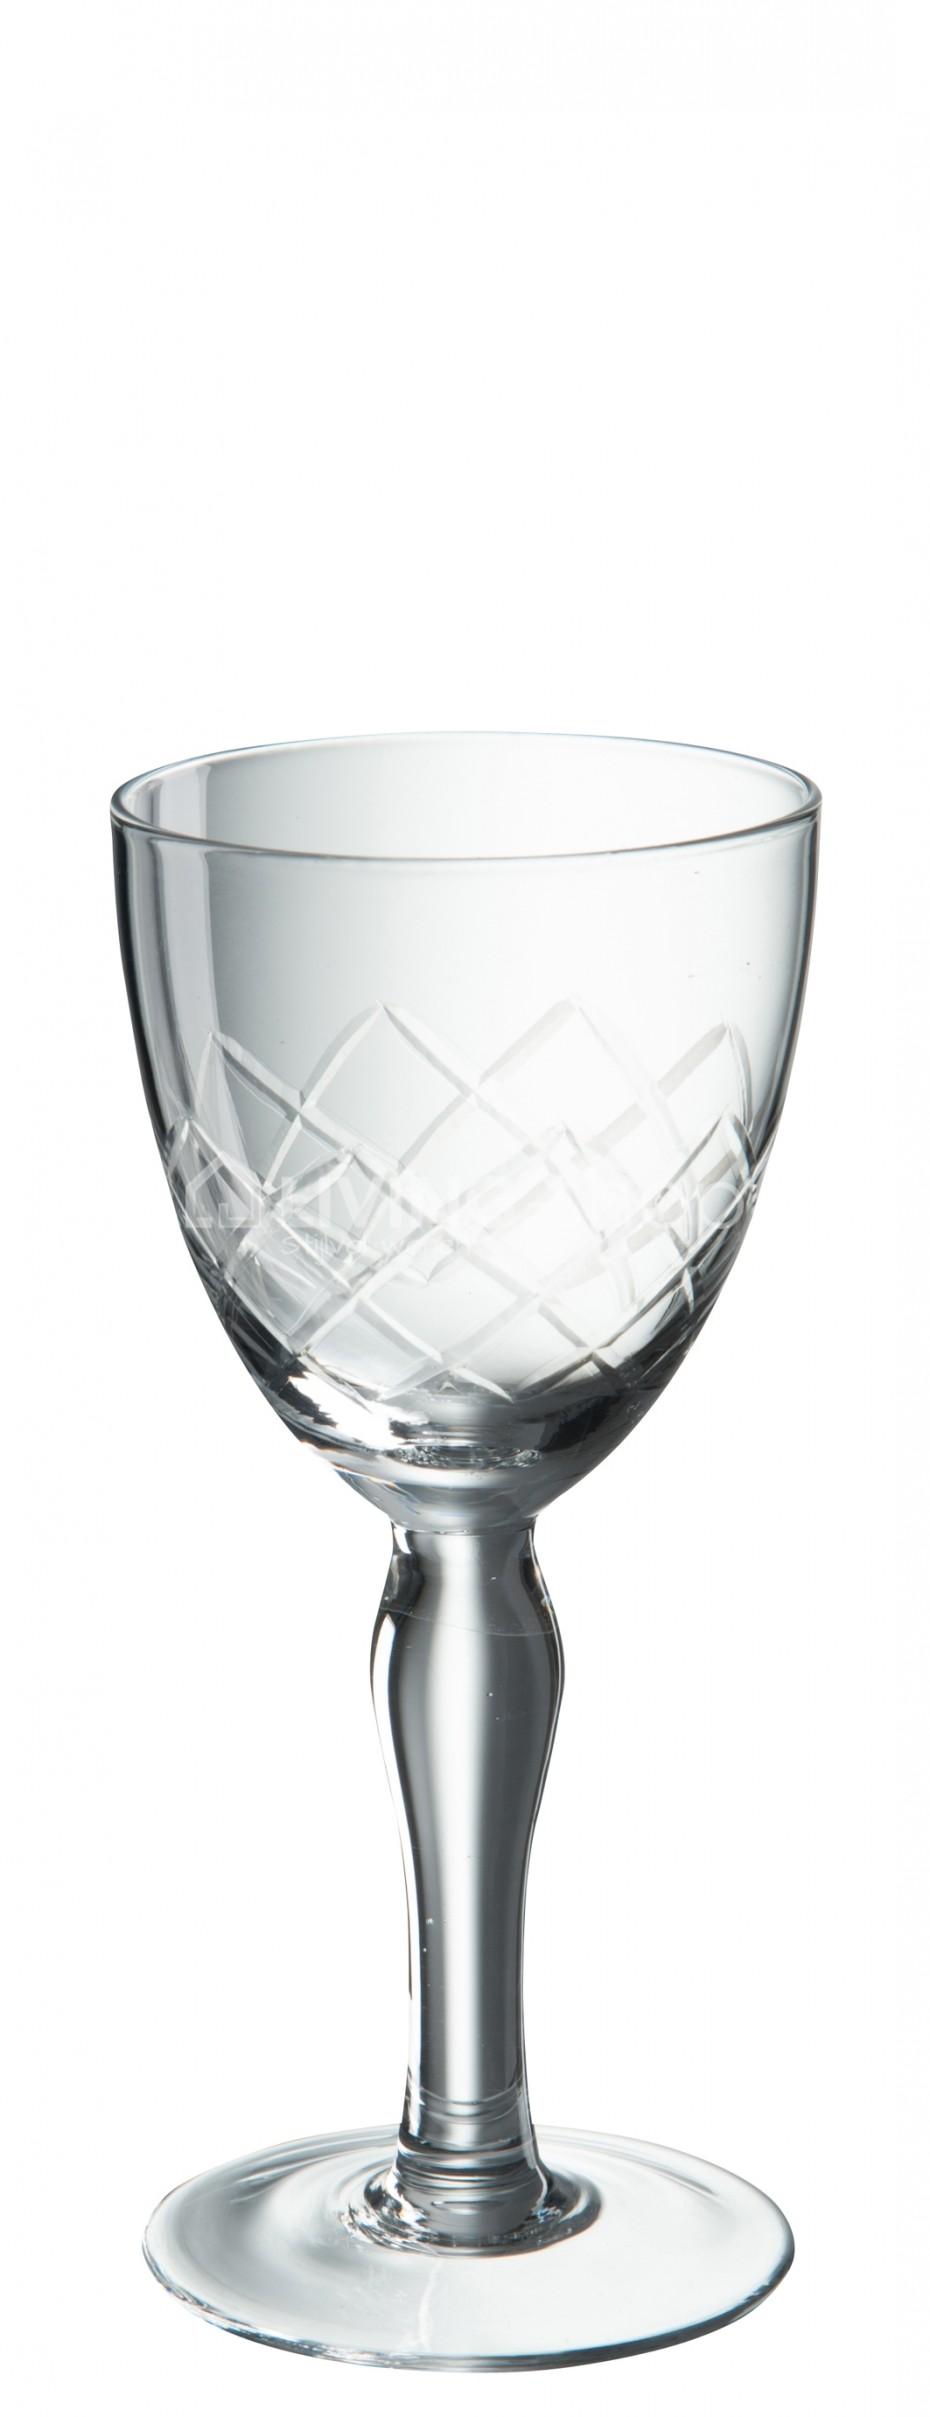 wijnglazen-met-gravures-set-van-12-glazen-j-line